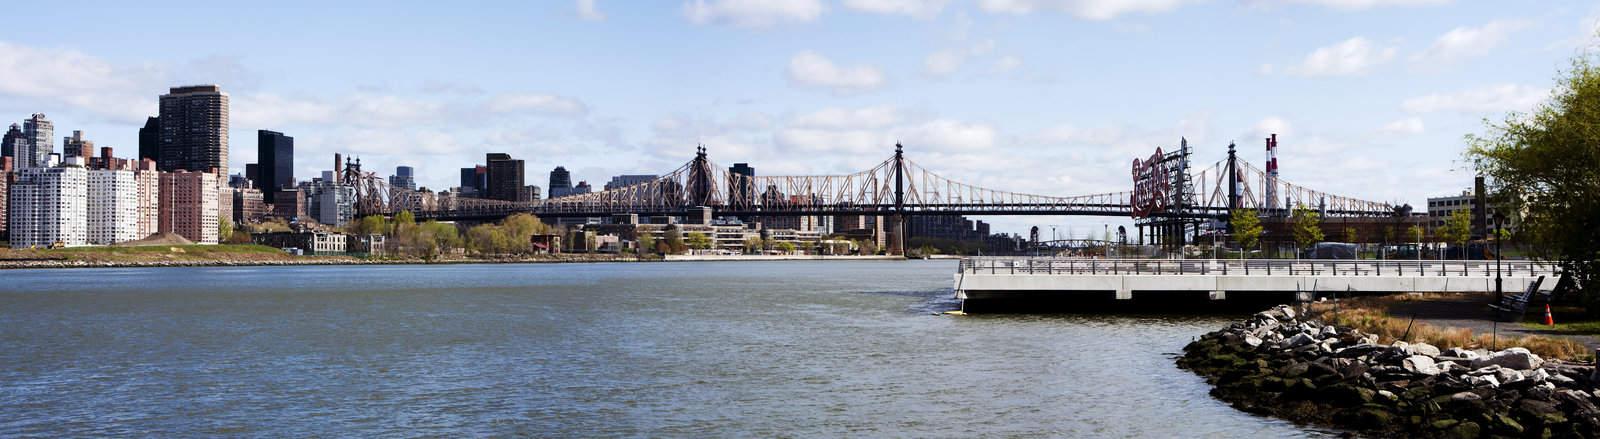 Brookville Queens, New York Private Investigator